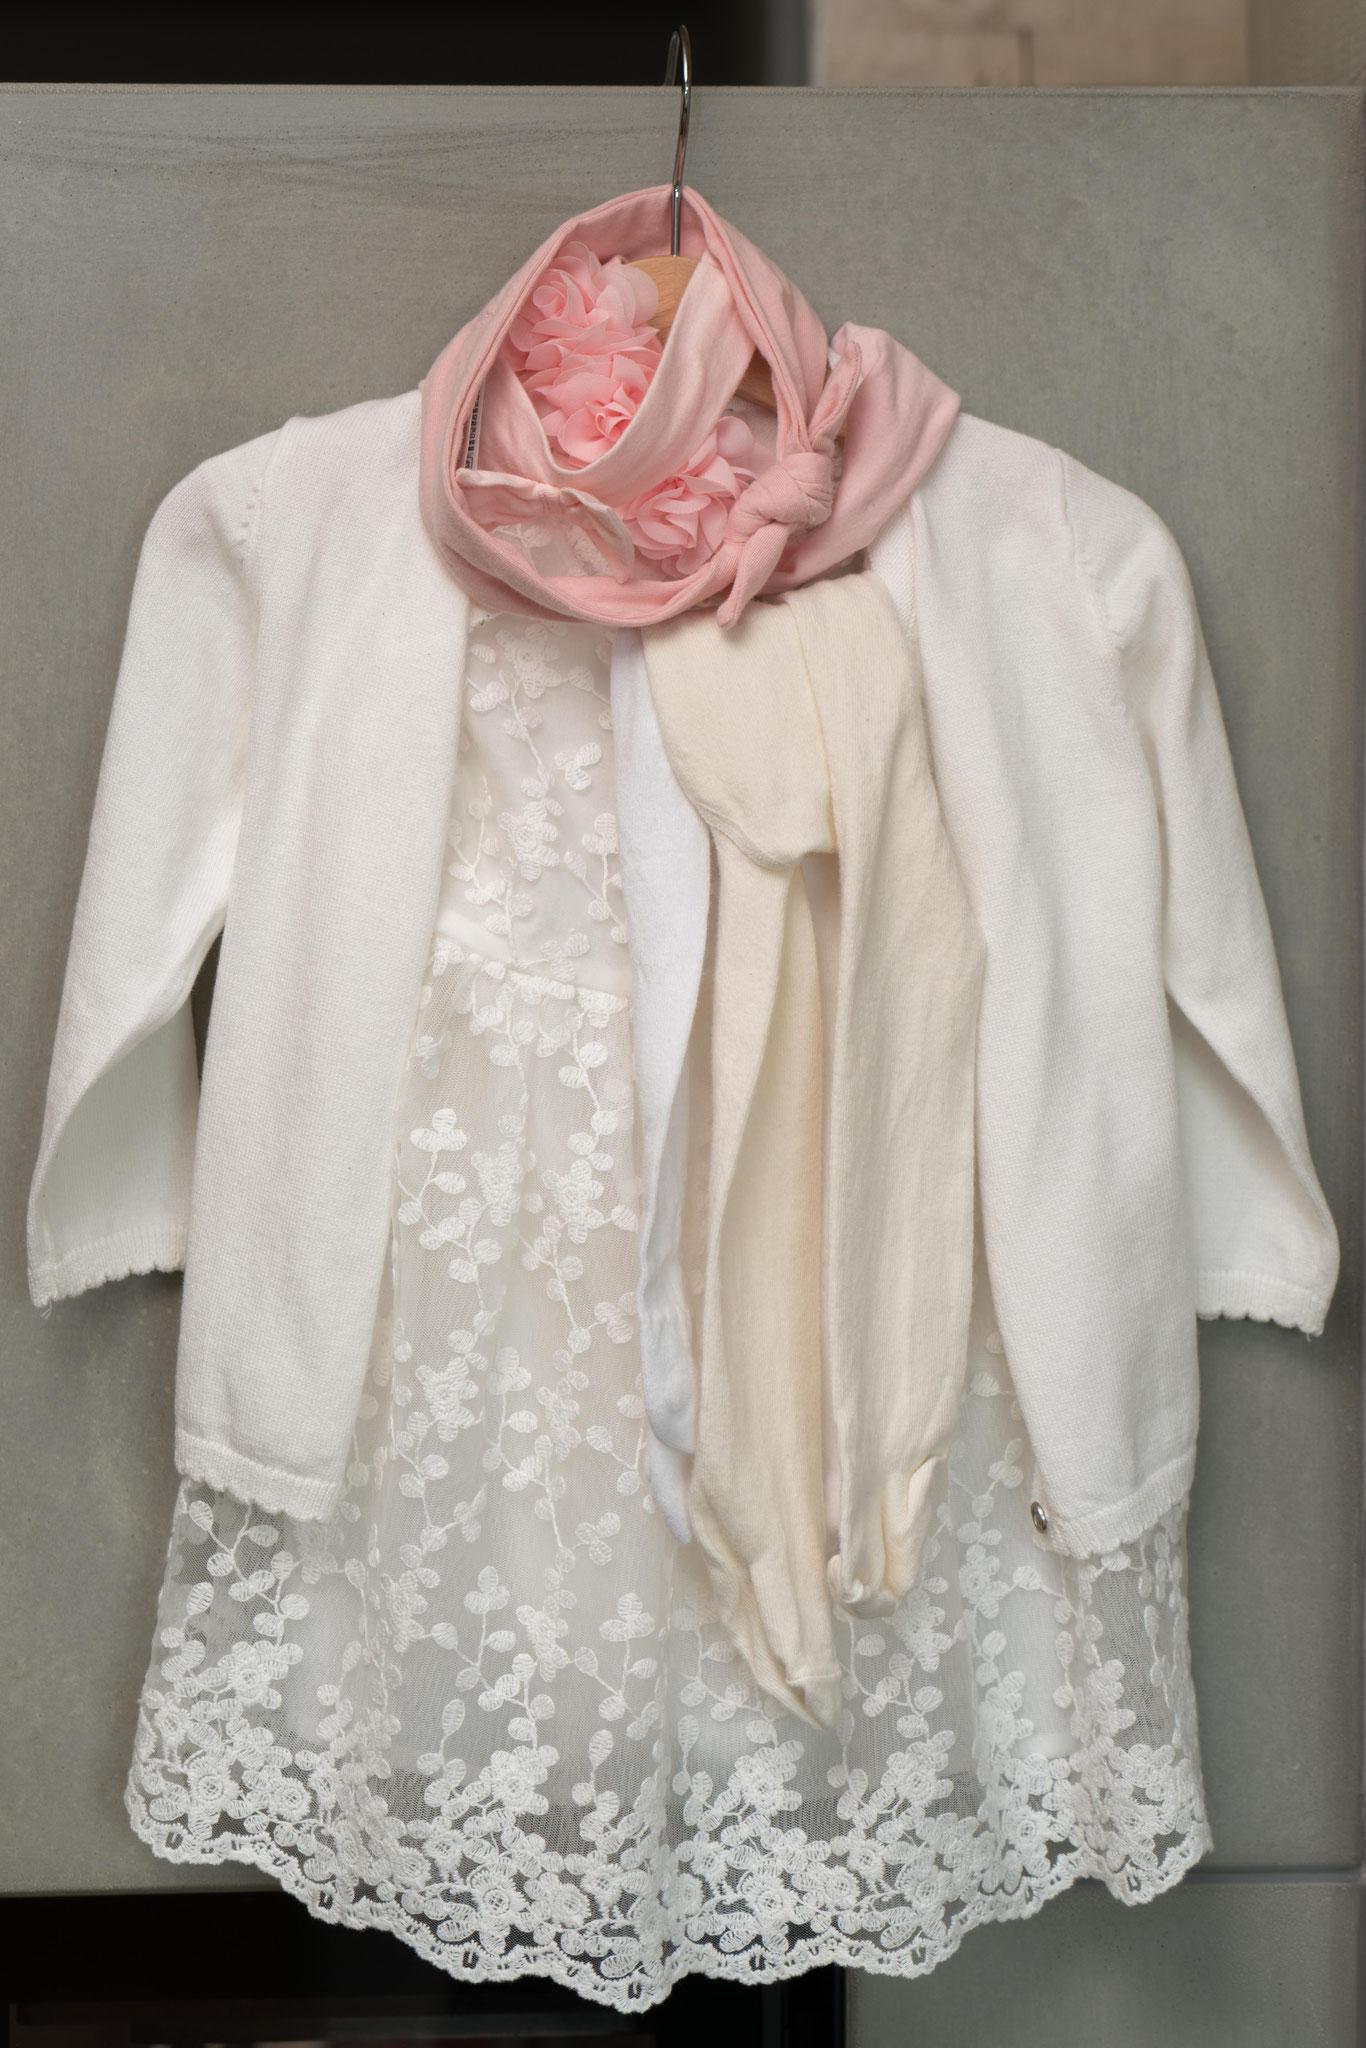 Das Kleidchen für Tochter Lilly, deren Taufe heute im Anschluss an die Trauung noch stattfindet.